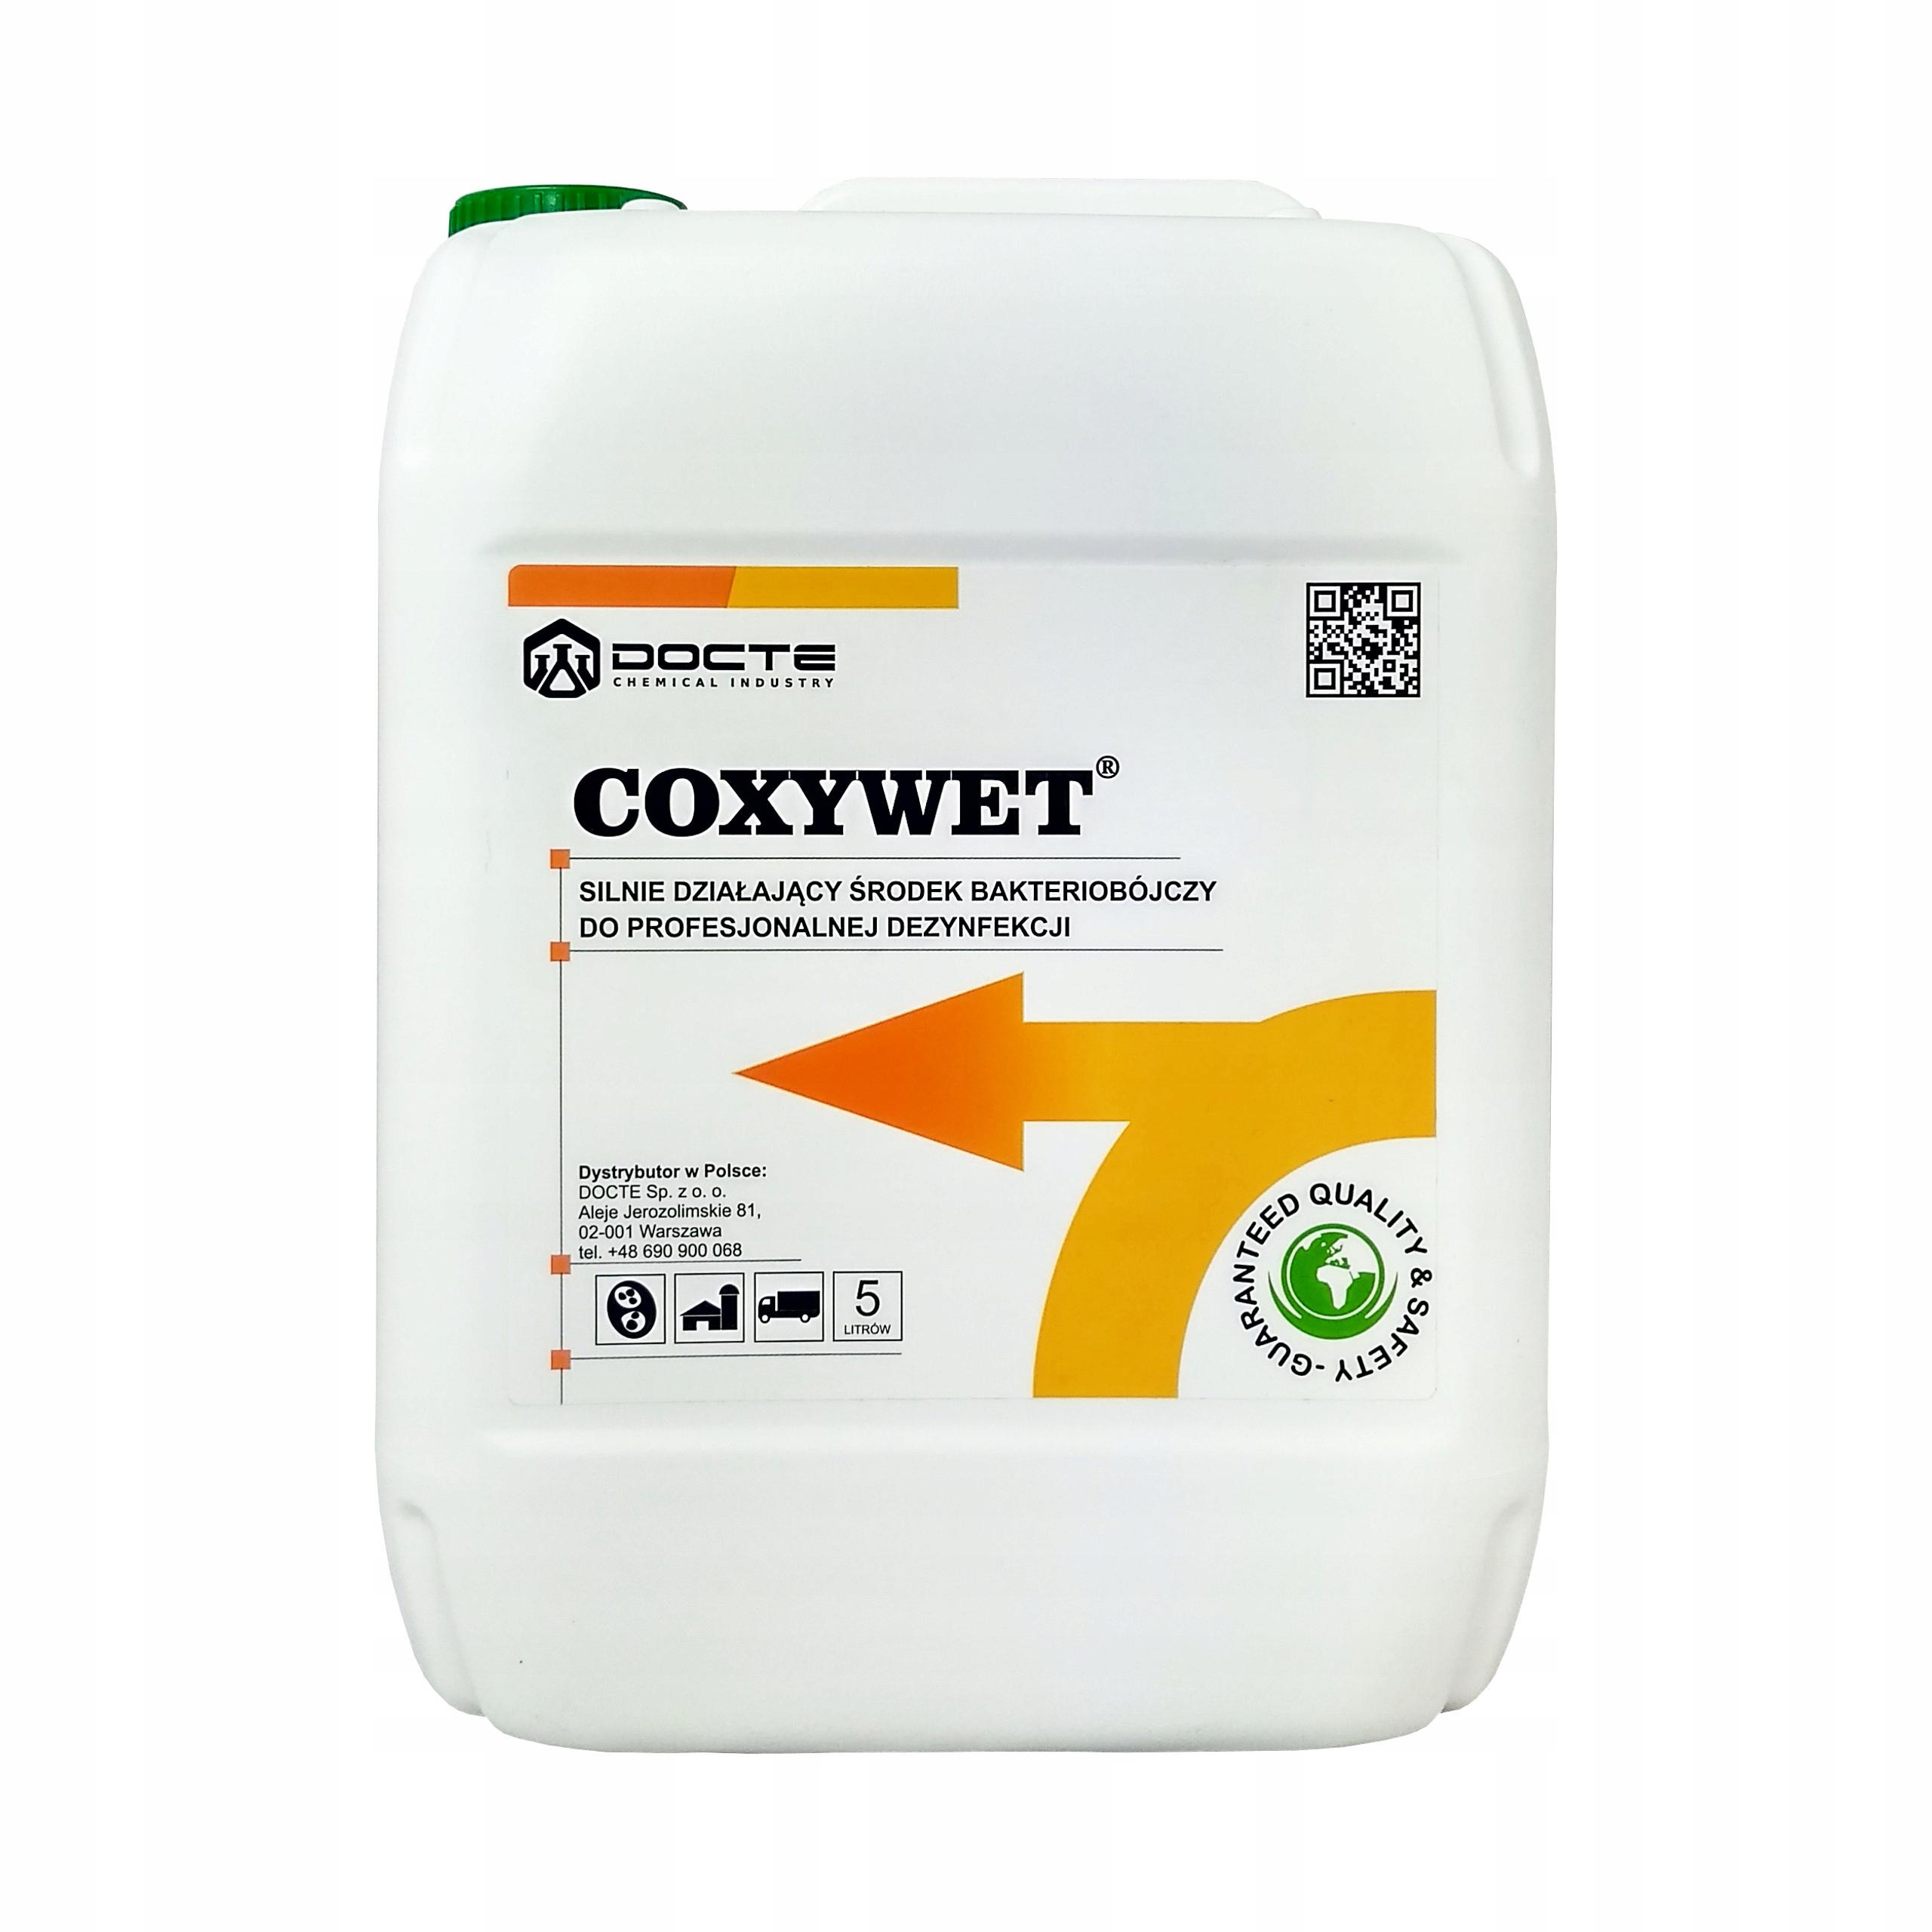 Бактерицидных средство для дезинфекции, COXYWET 5Л